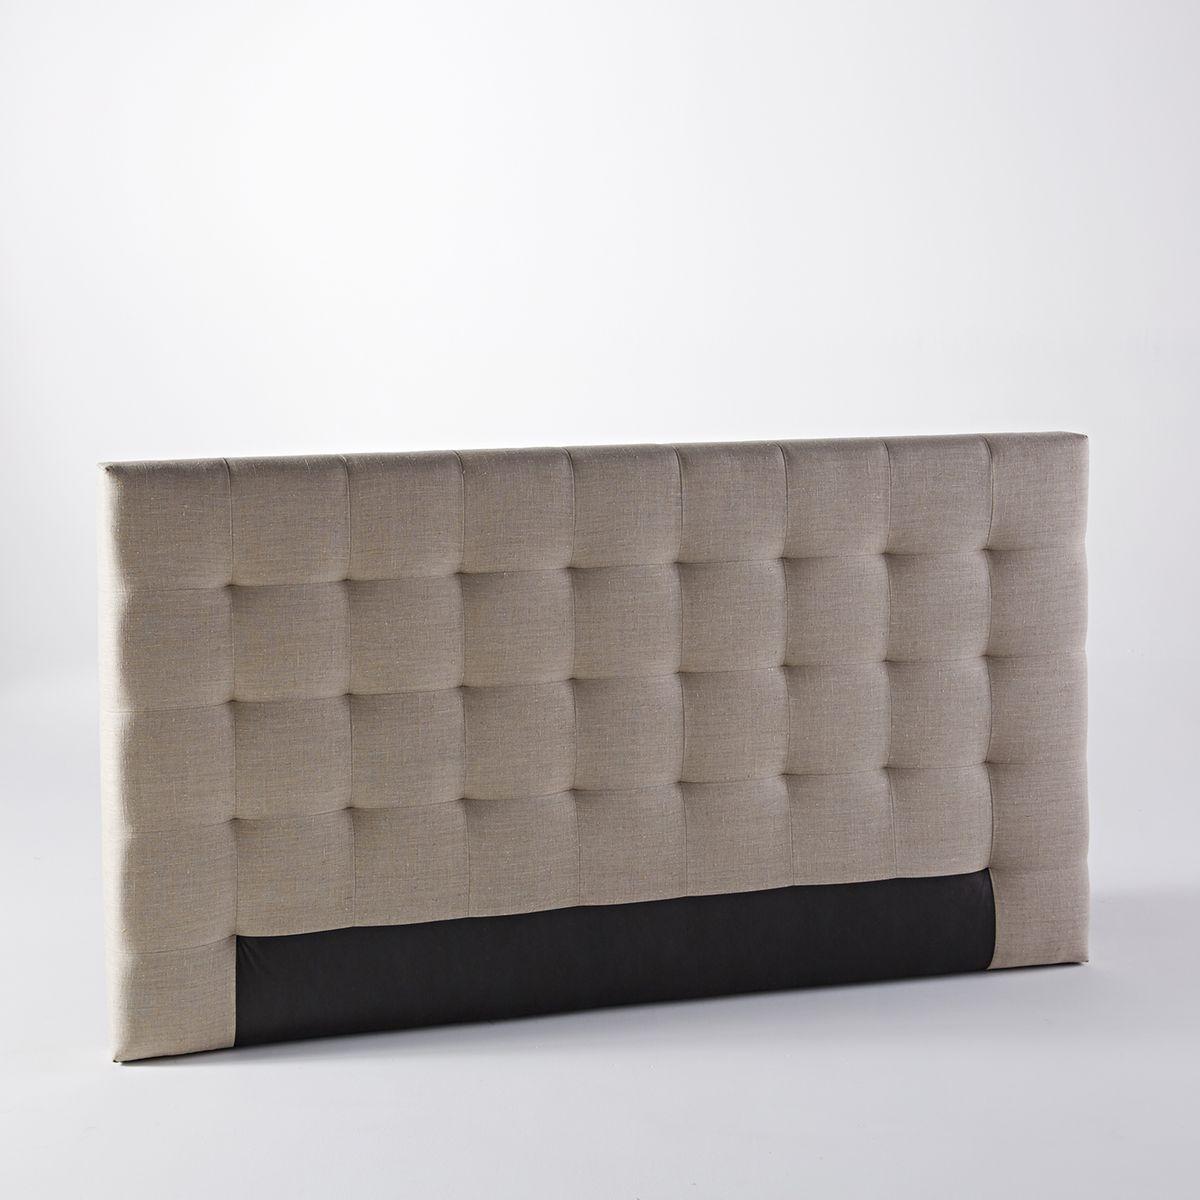 t te de lit capitonn e selve h100 cm. Black Bedroom Furniture Sets. Home Design Ideas